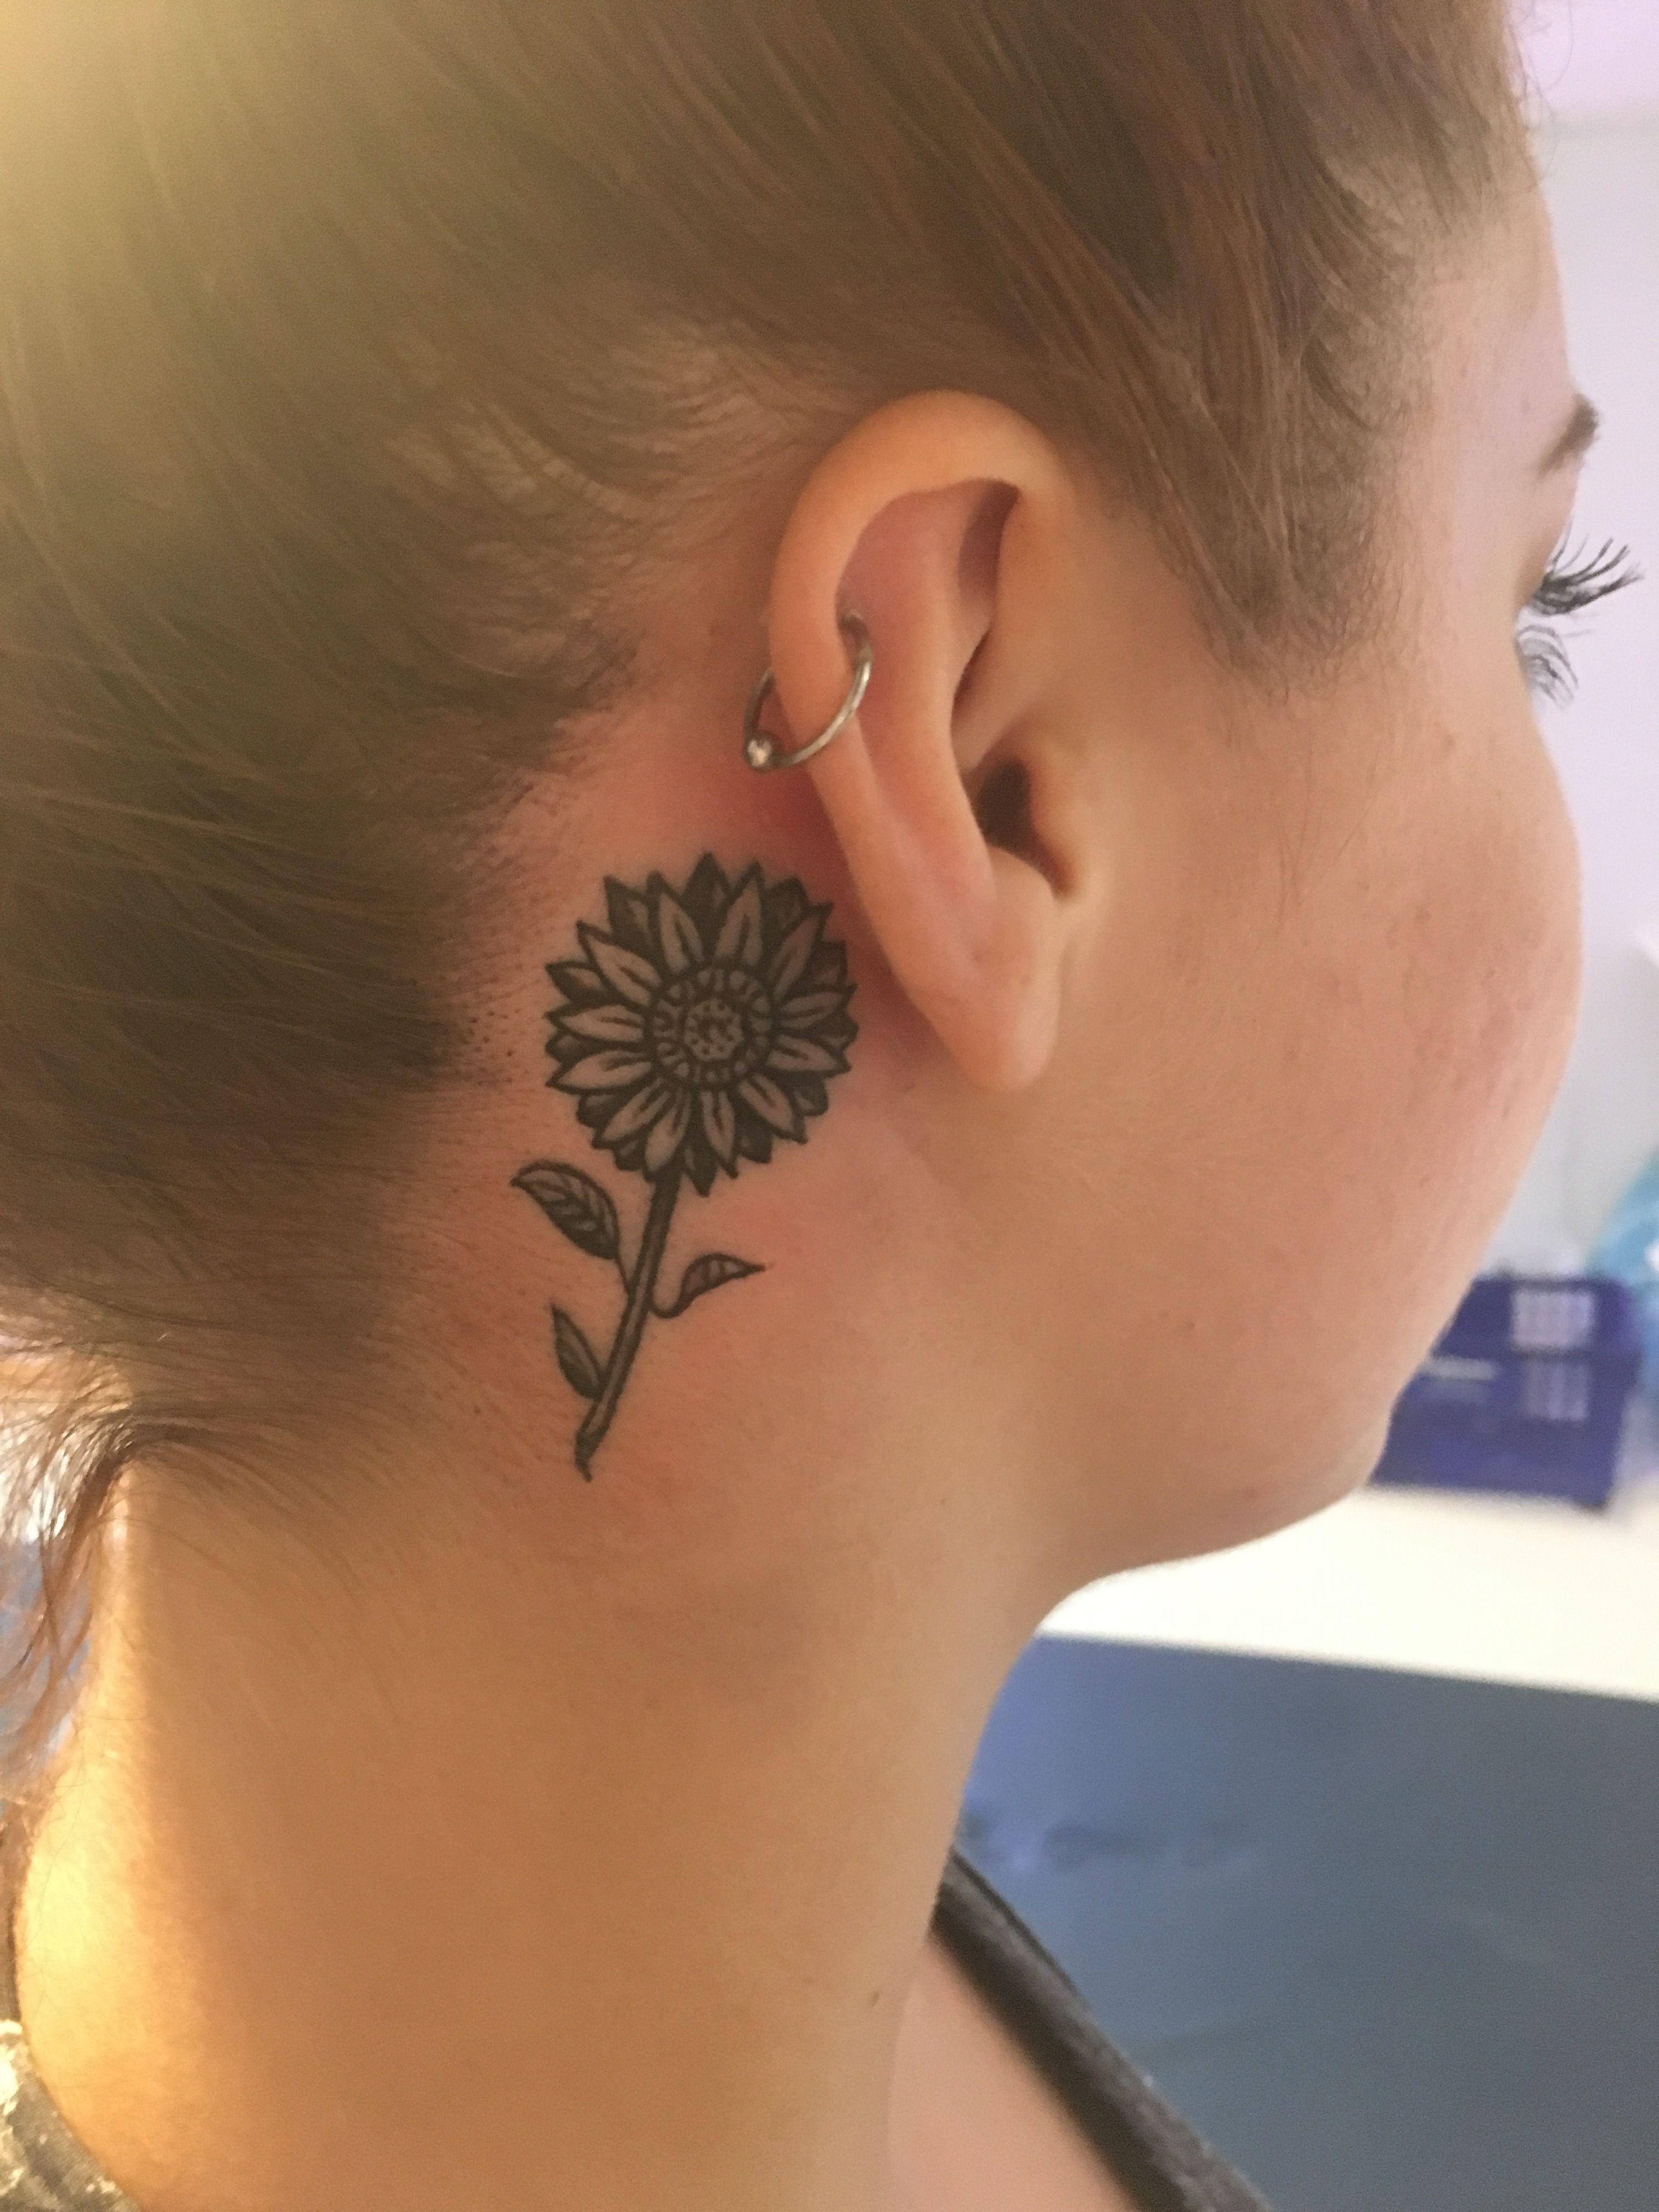 Sunflower Behind The Ear Tattoo Sunflower Tattoo Sunflower Tattoo Shoulder Sunflower Tattoo Sleeve